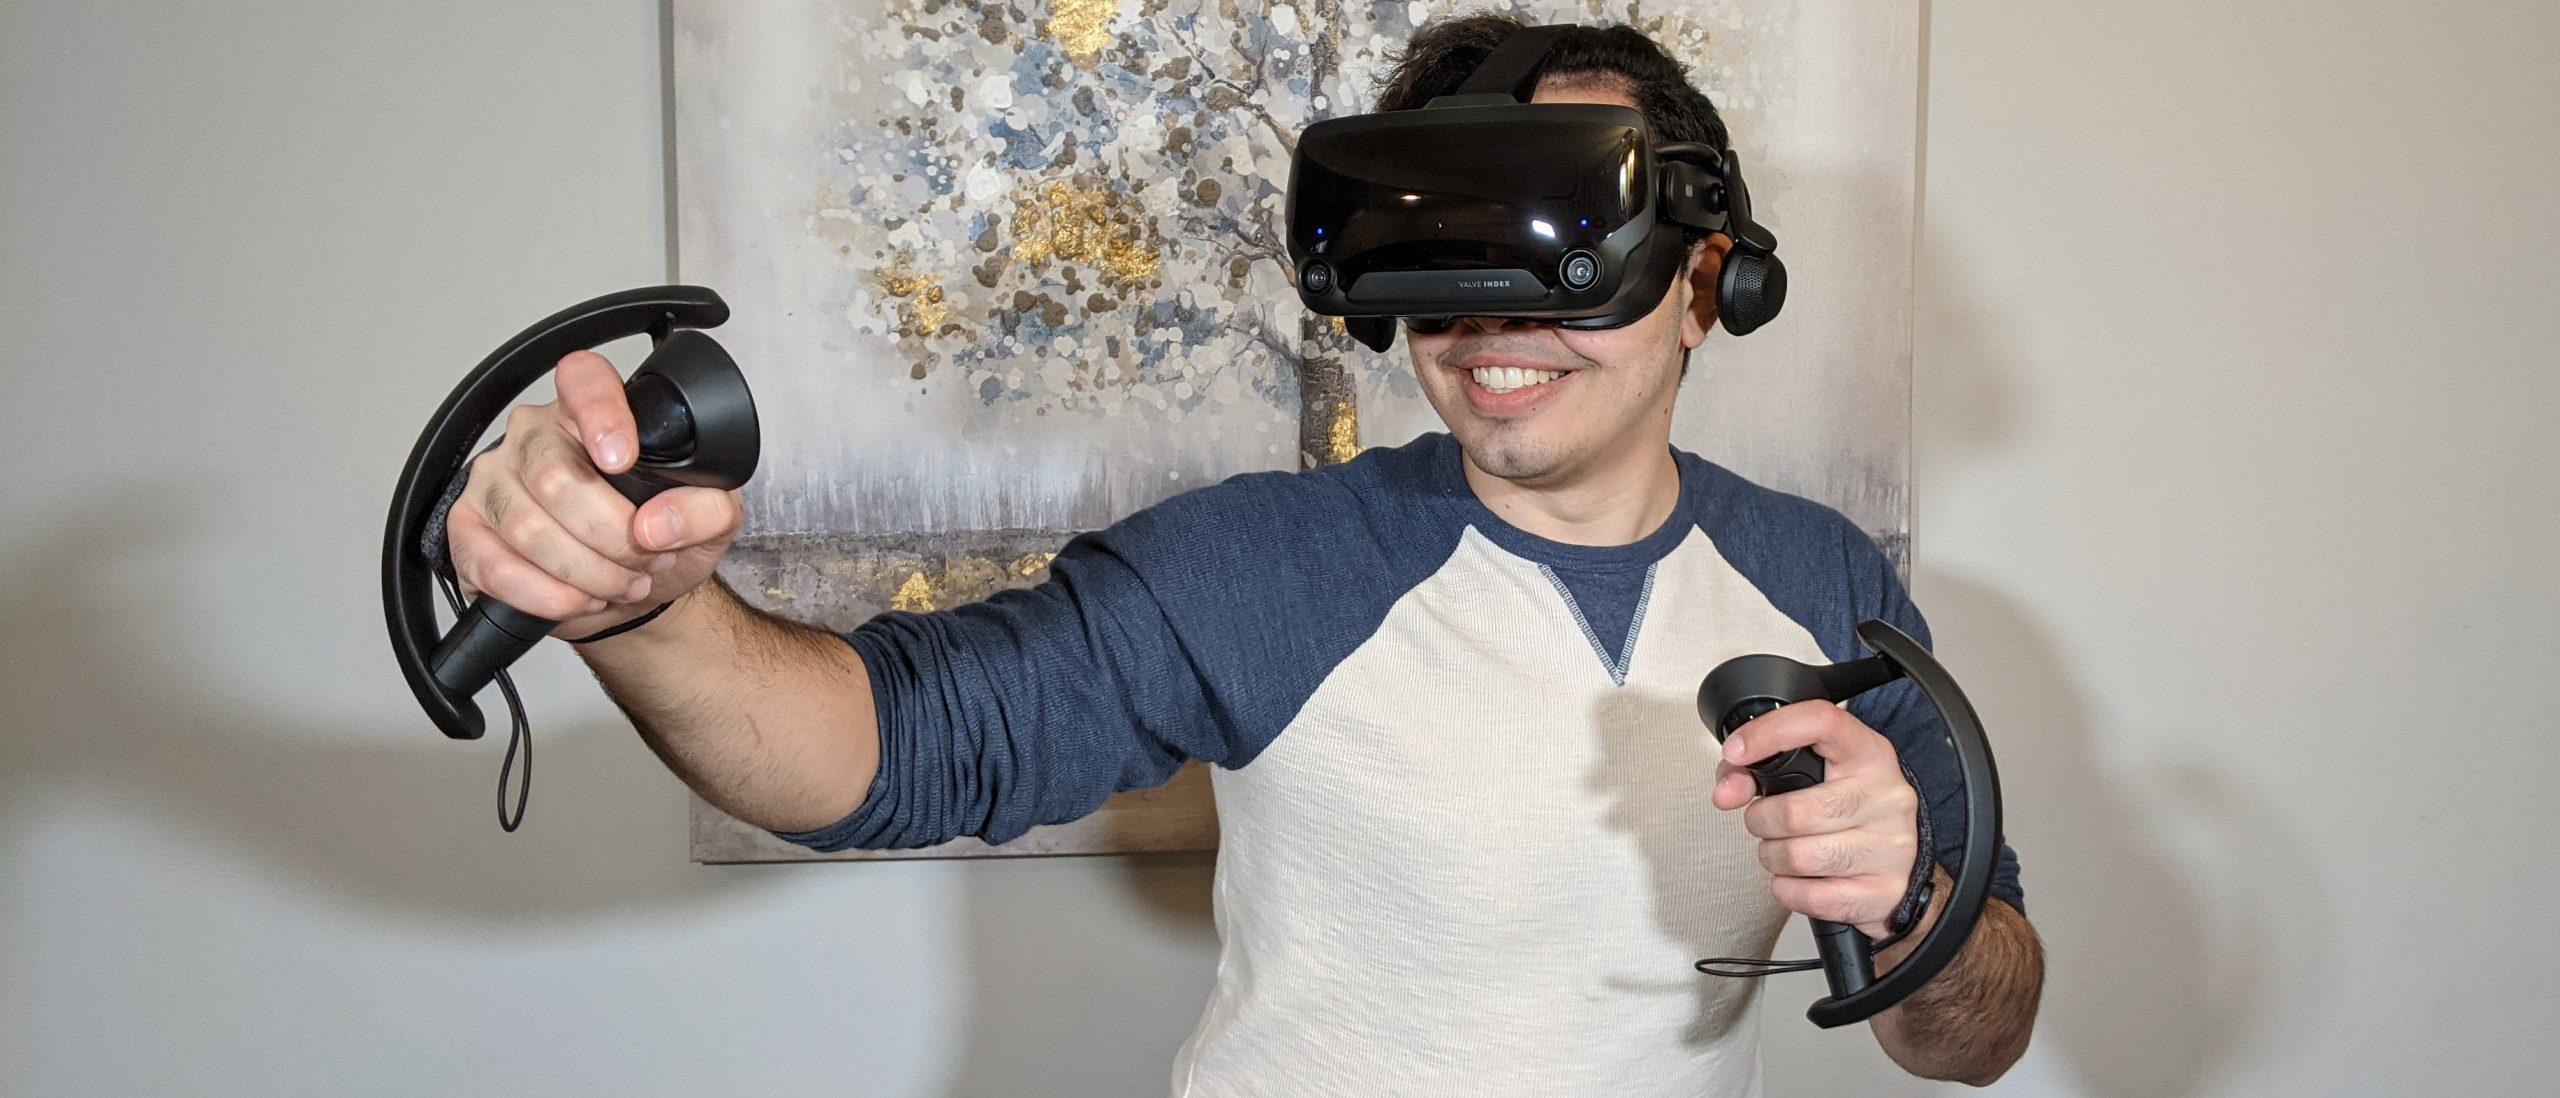 VR expert Valve index